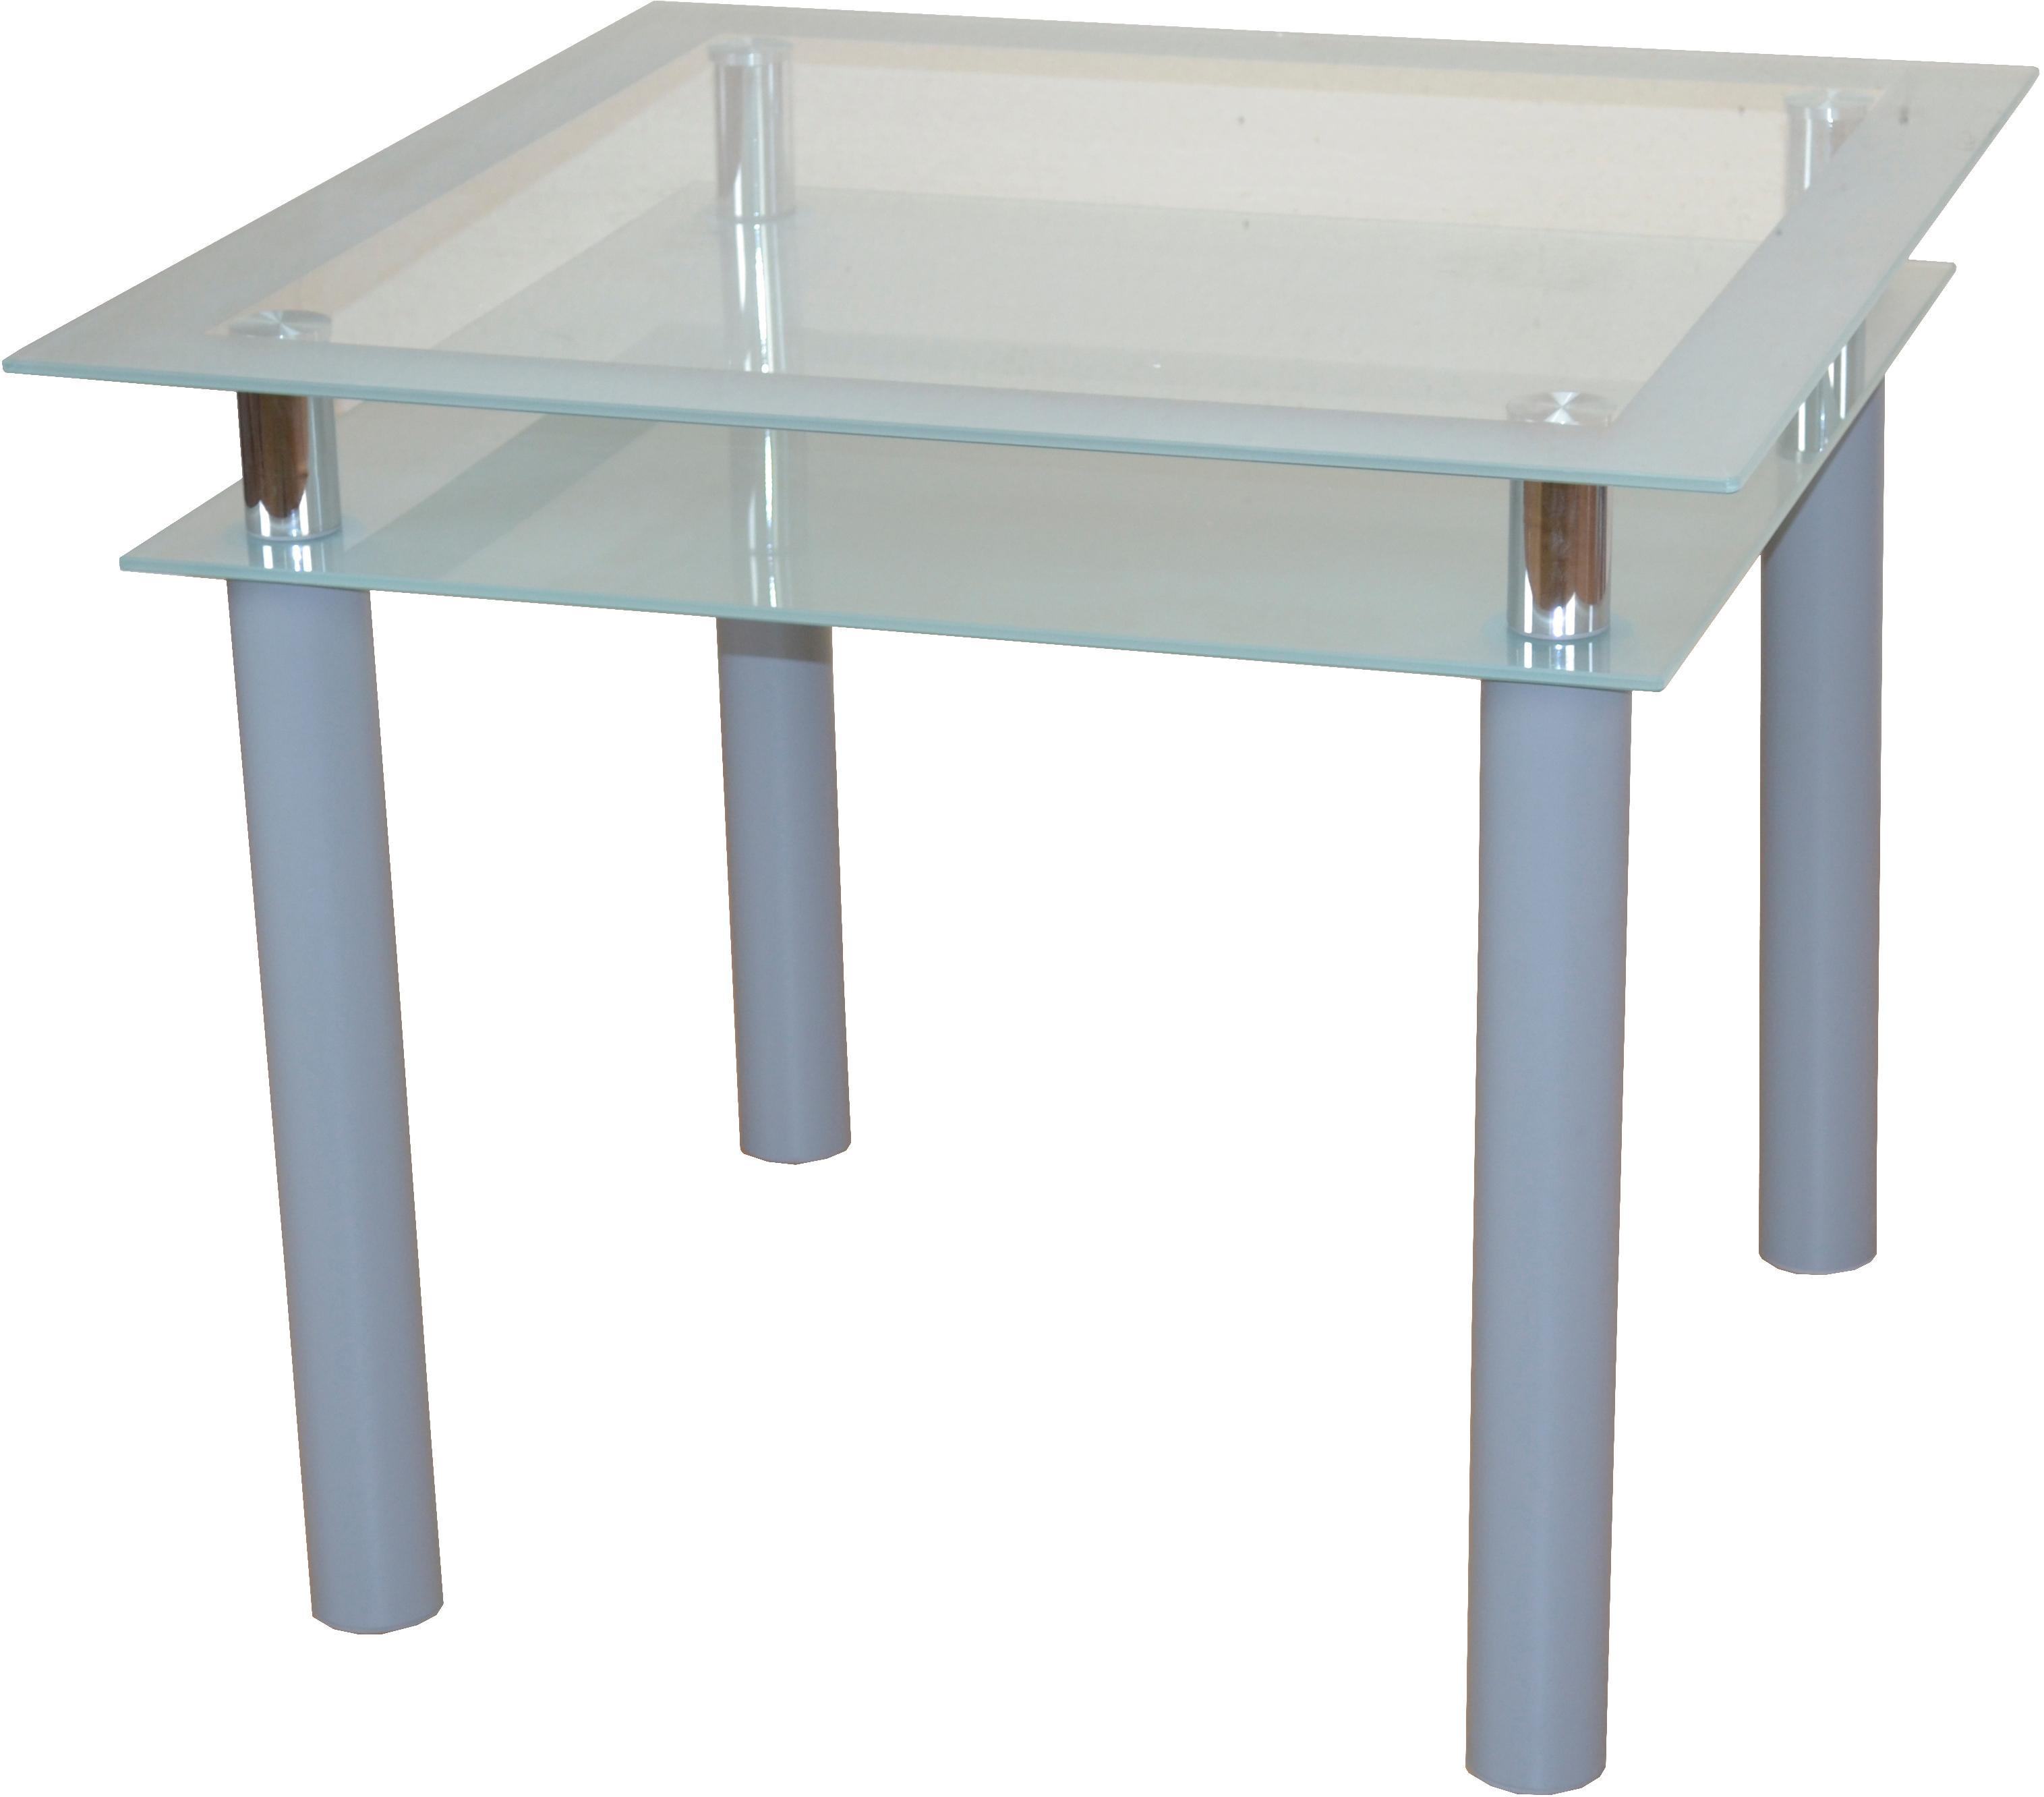 Esstisch TOM Wohnen/Möbel/Tische/Esstische/Esstische quadratisch